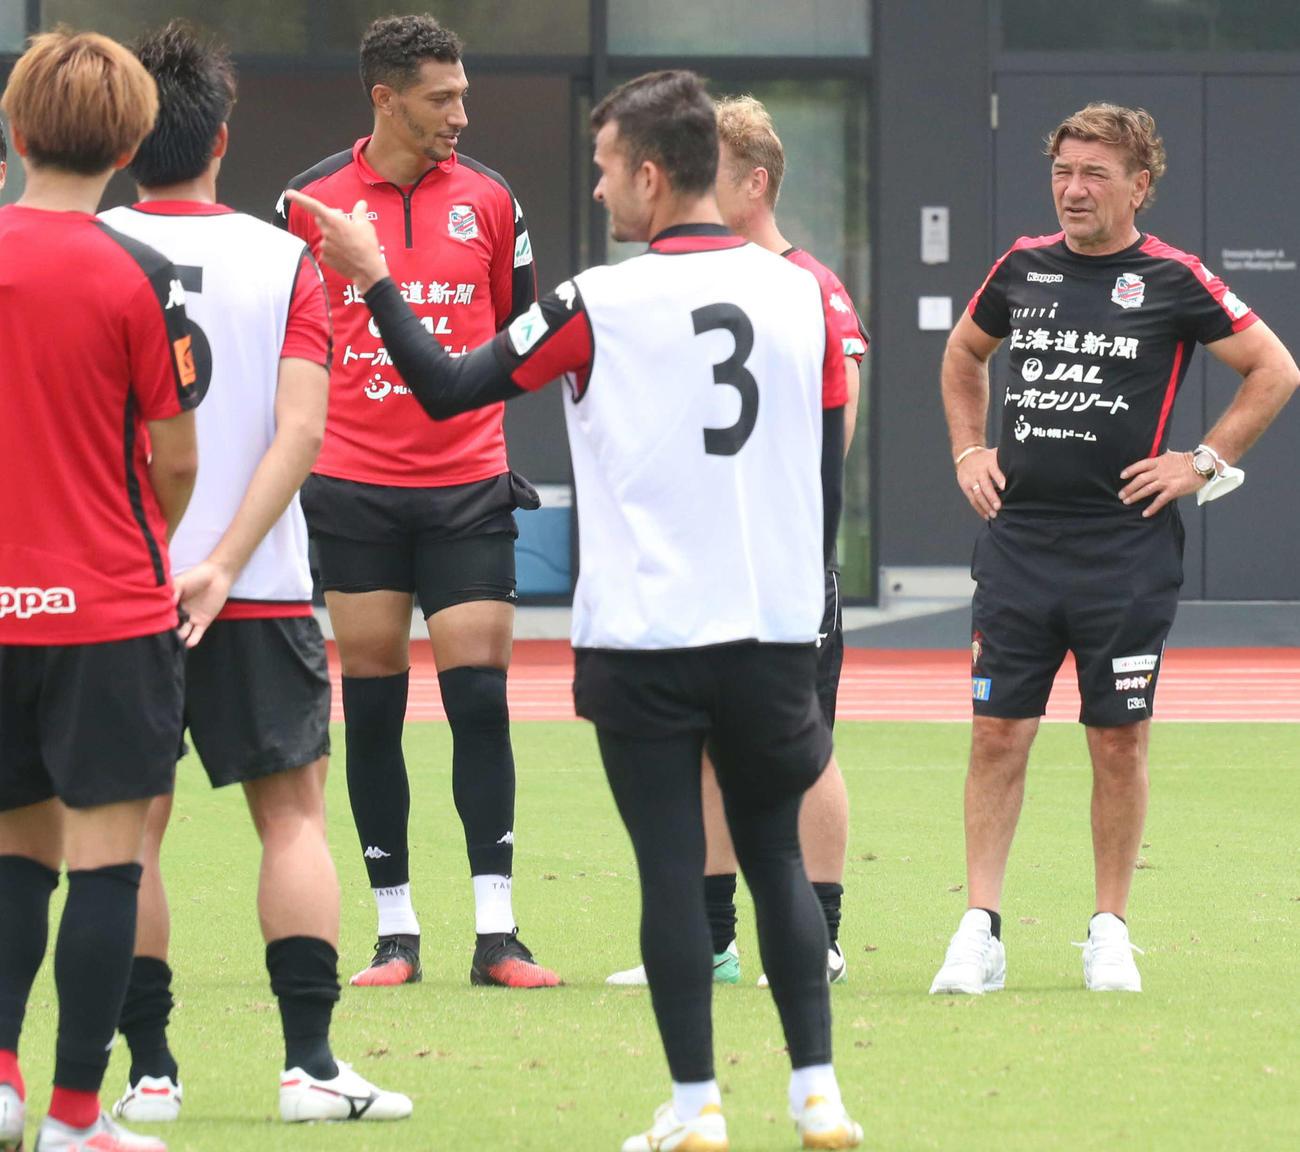 練習後に選手たちを見つめる札幌ペトロビッチ監督(右端)(撮影・浅水友輝)